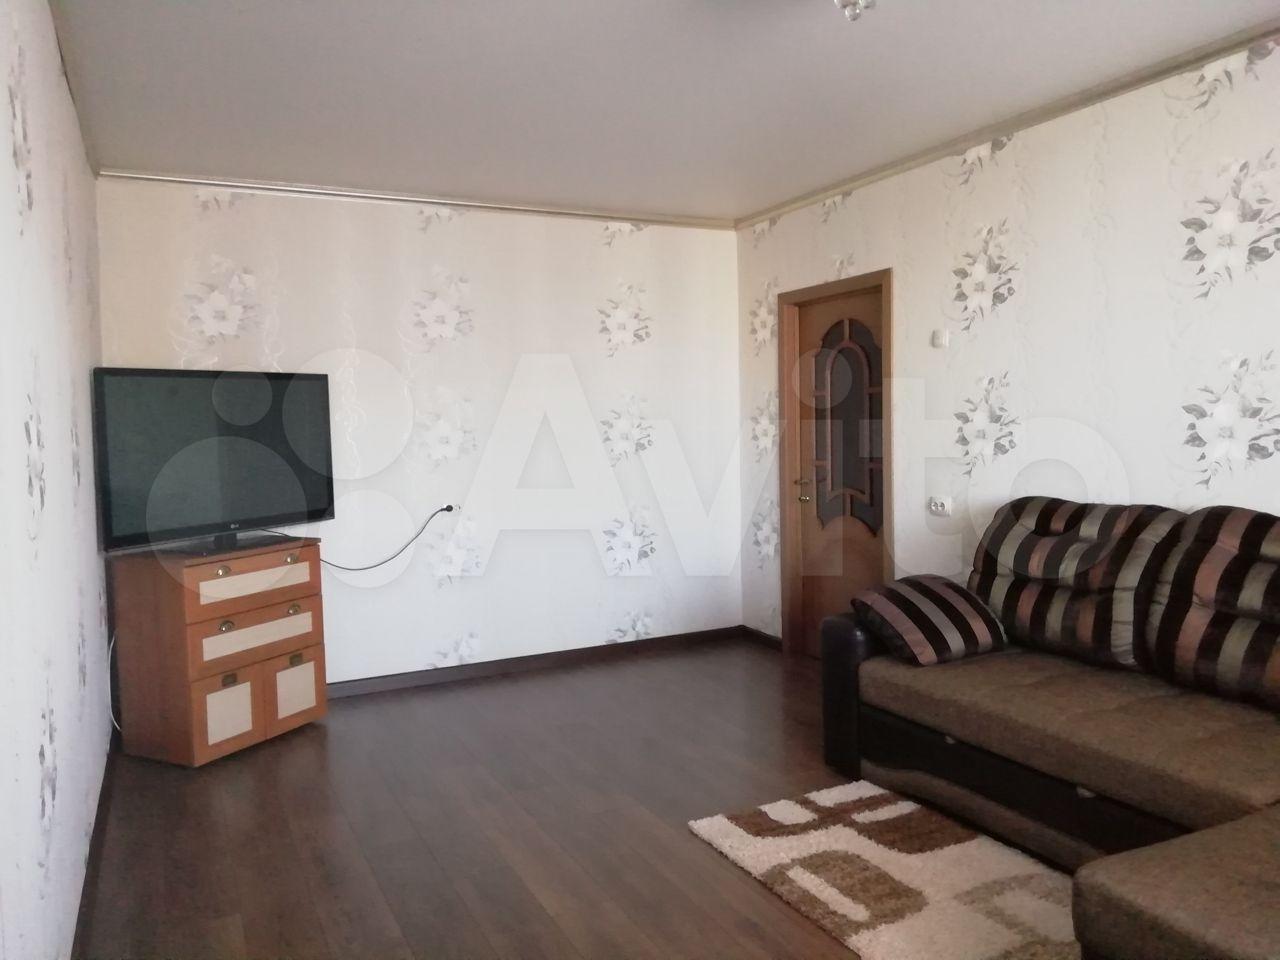 2-к квартира, 52.6 м², 9/10 эт.  89343349818 купить 8